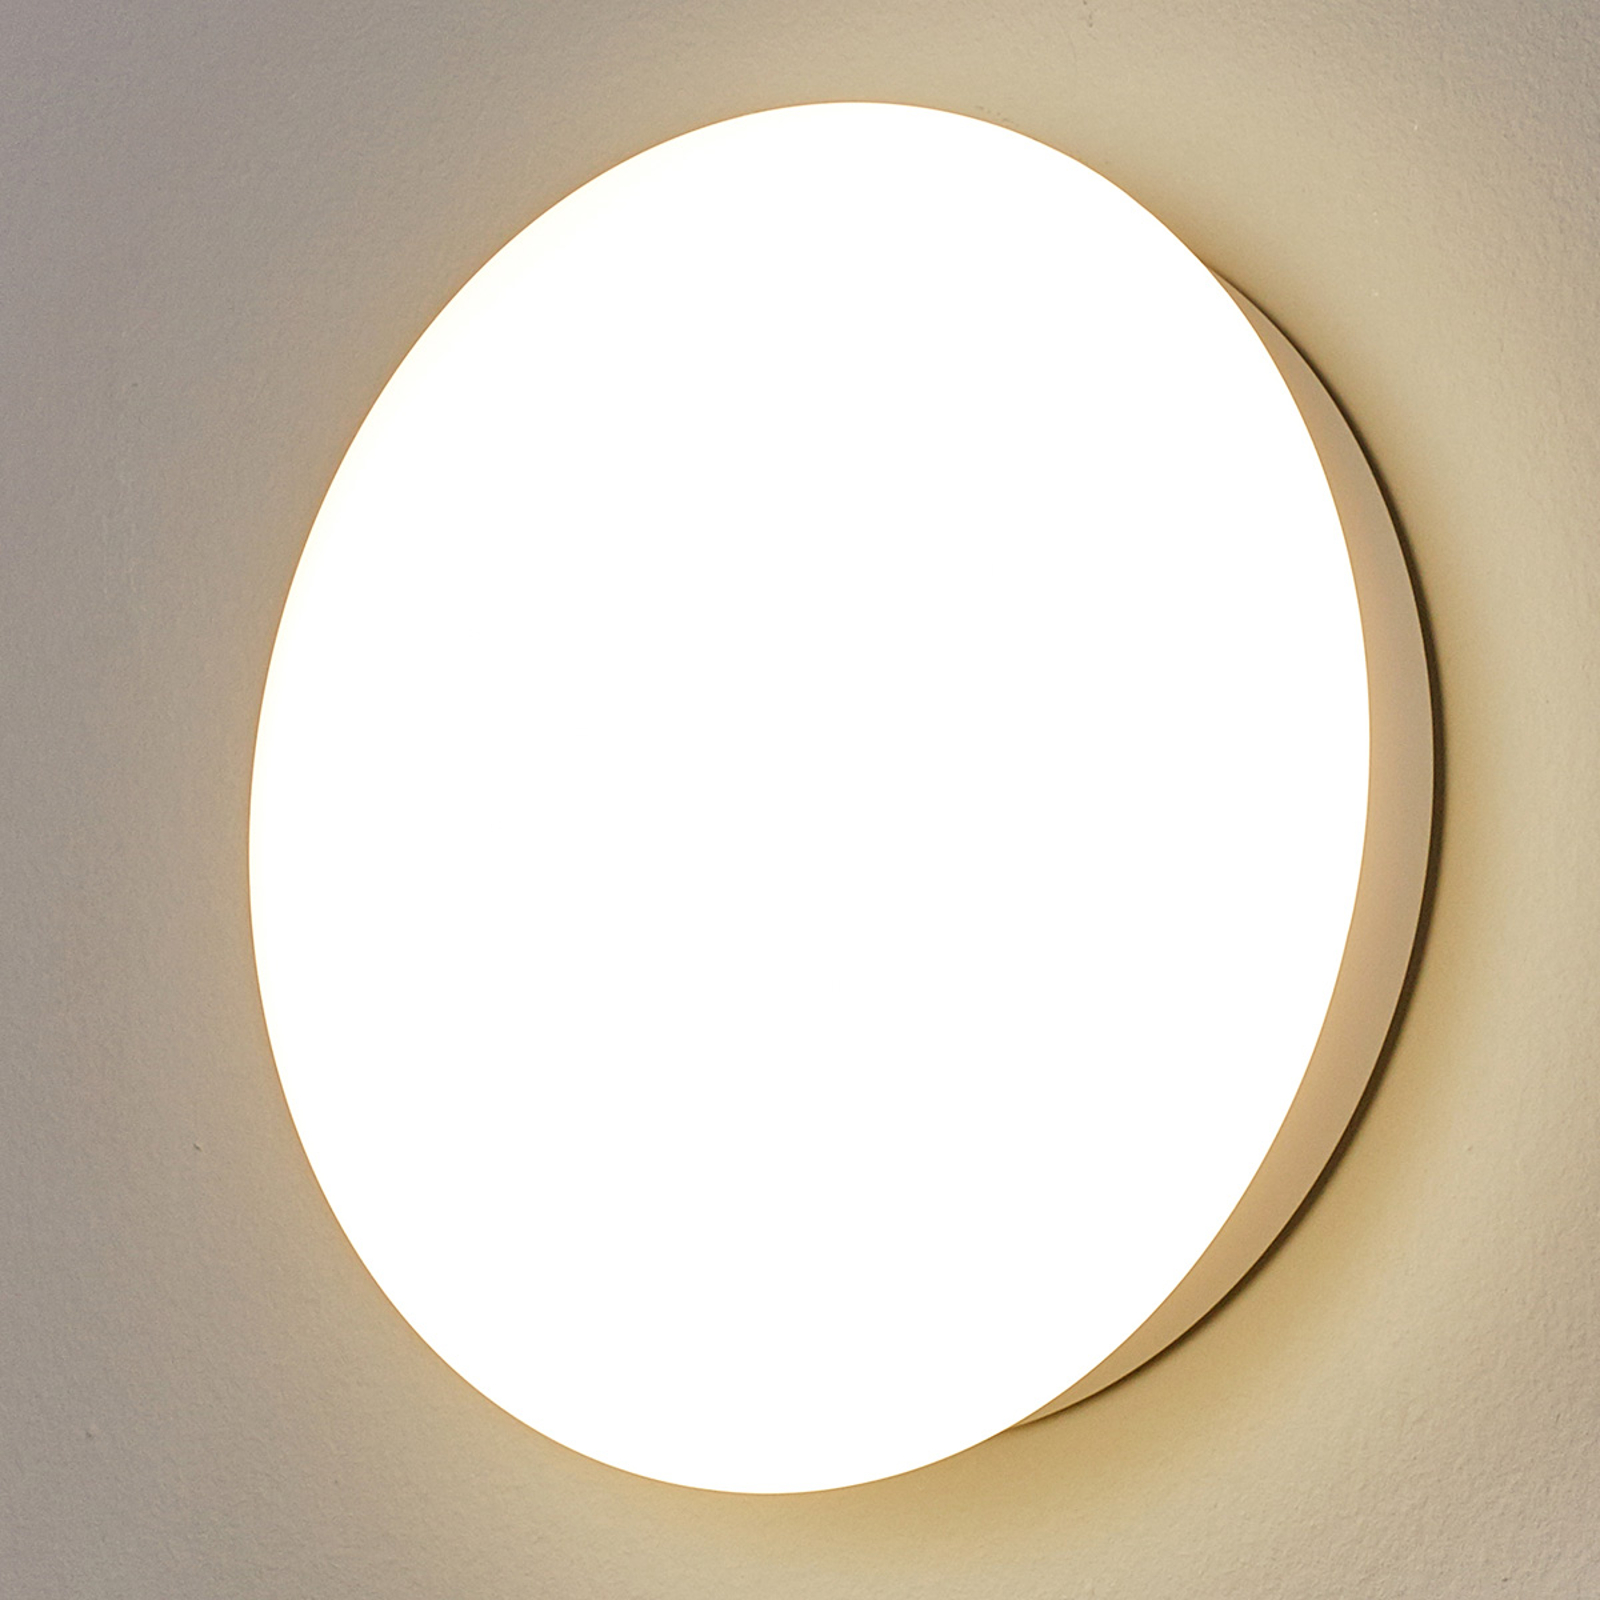 SUN 12 LED-vegglampe, IP55, 13 W, varmhvit, 3000 K